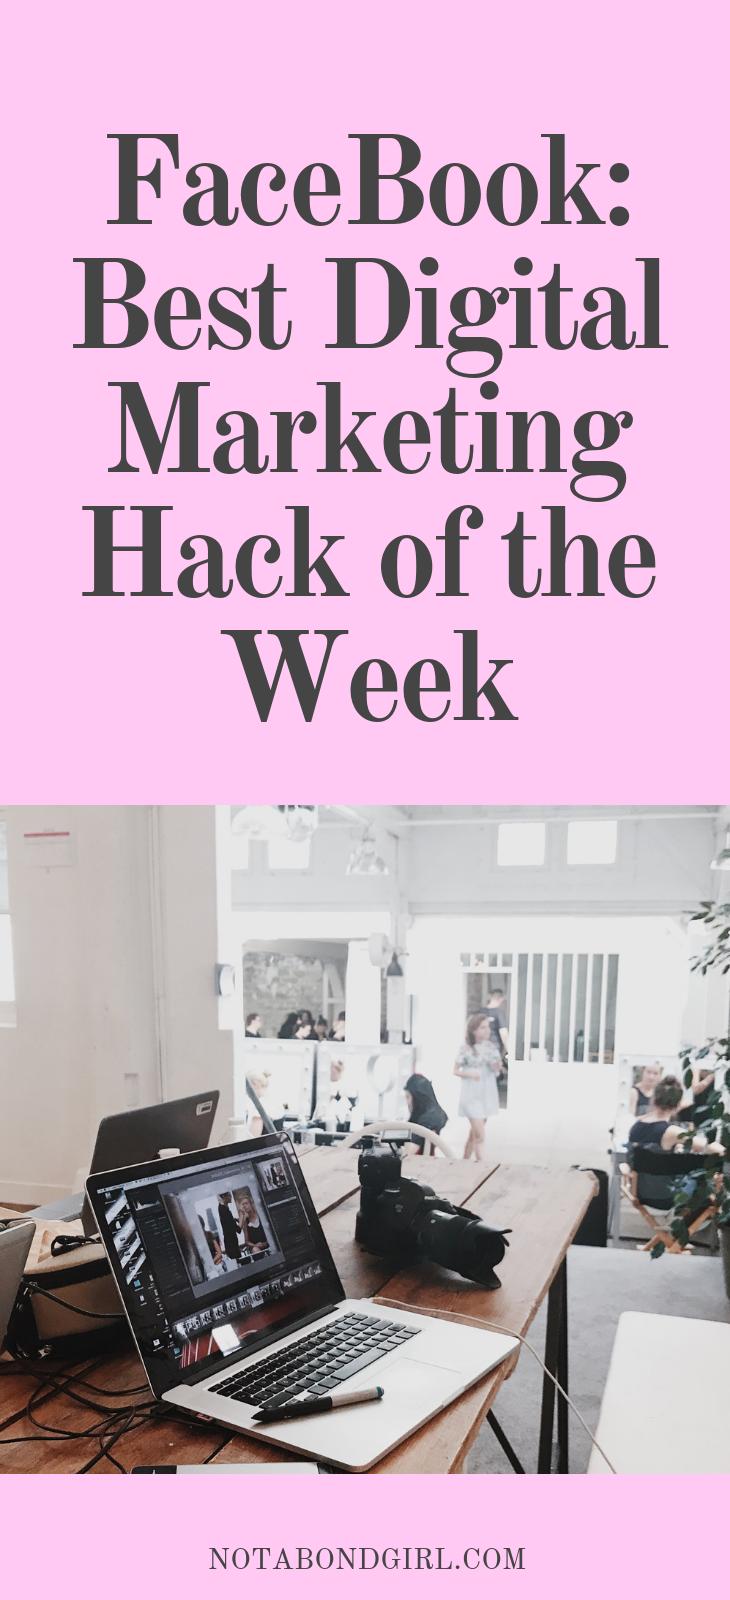 Facebook: Top Digital Marketing Hack of the Week